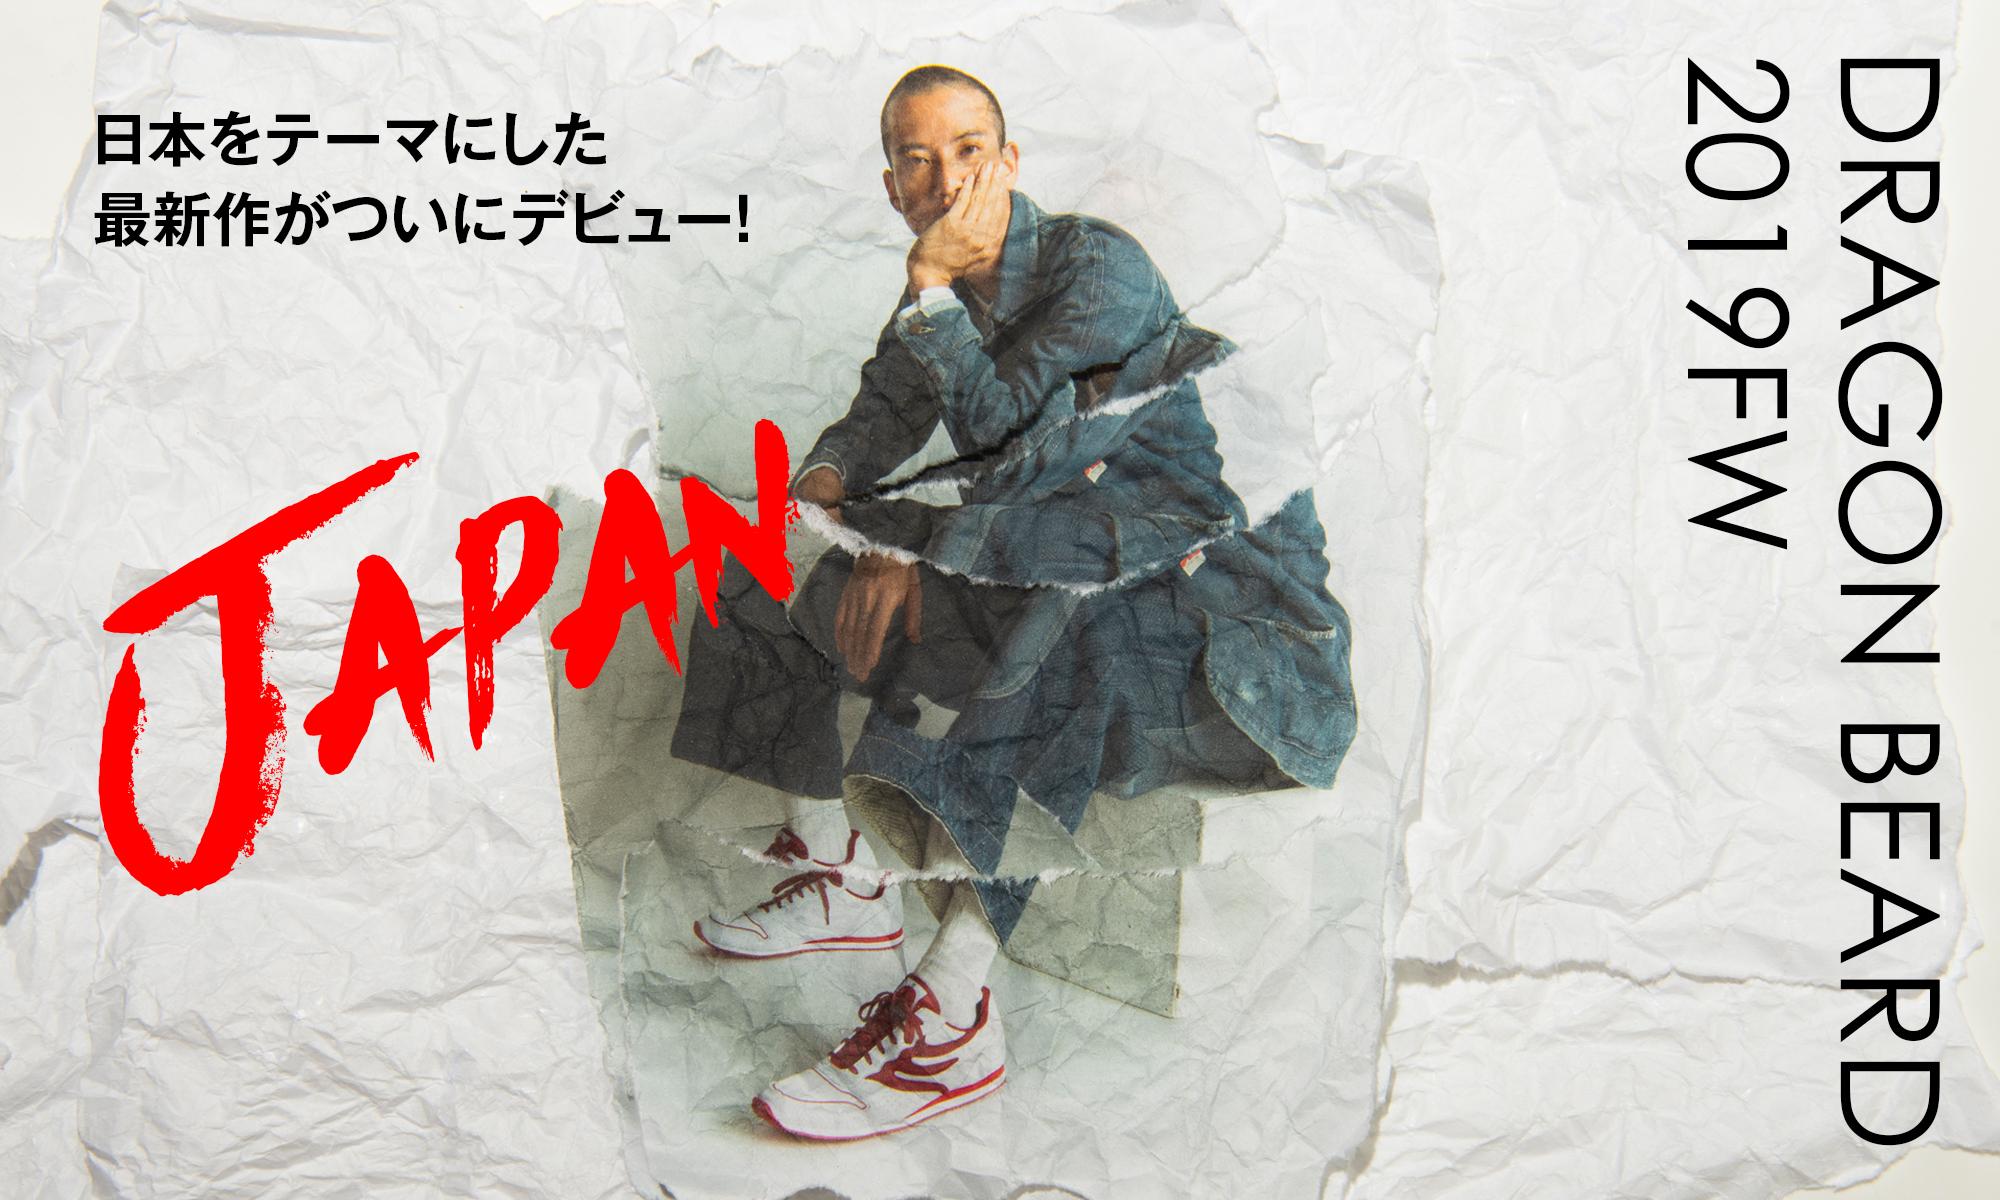 """世界のスニーカーシーンに一石を投じる日本の雄"""" DRAGON BEARD -SNEAKER-"""